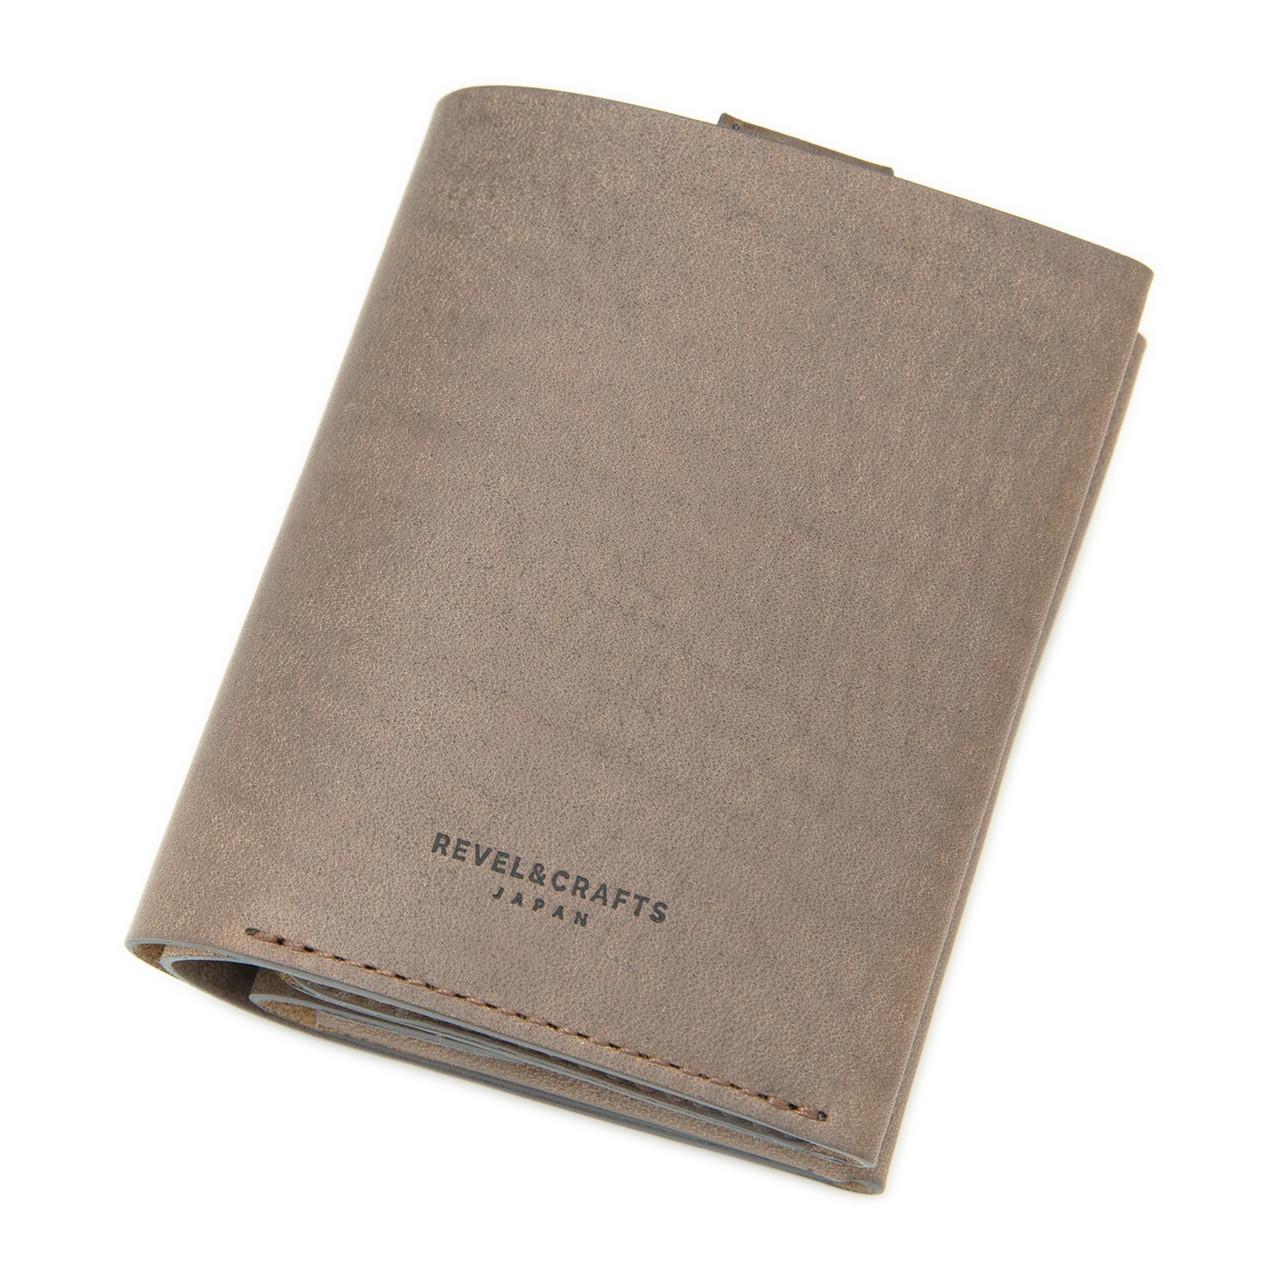 [限定商品]二ツ折コンパクト財布 - ENOUGH イタリアンアッシュグレー